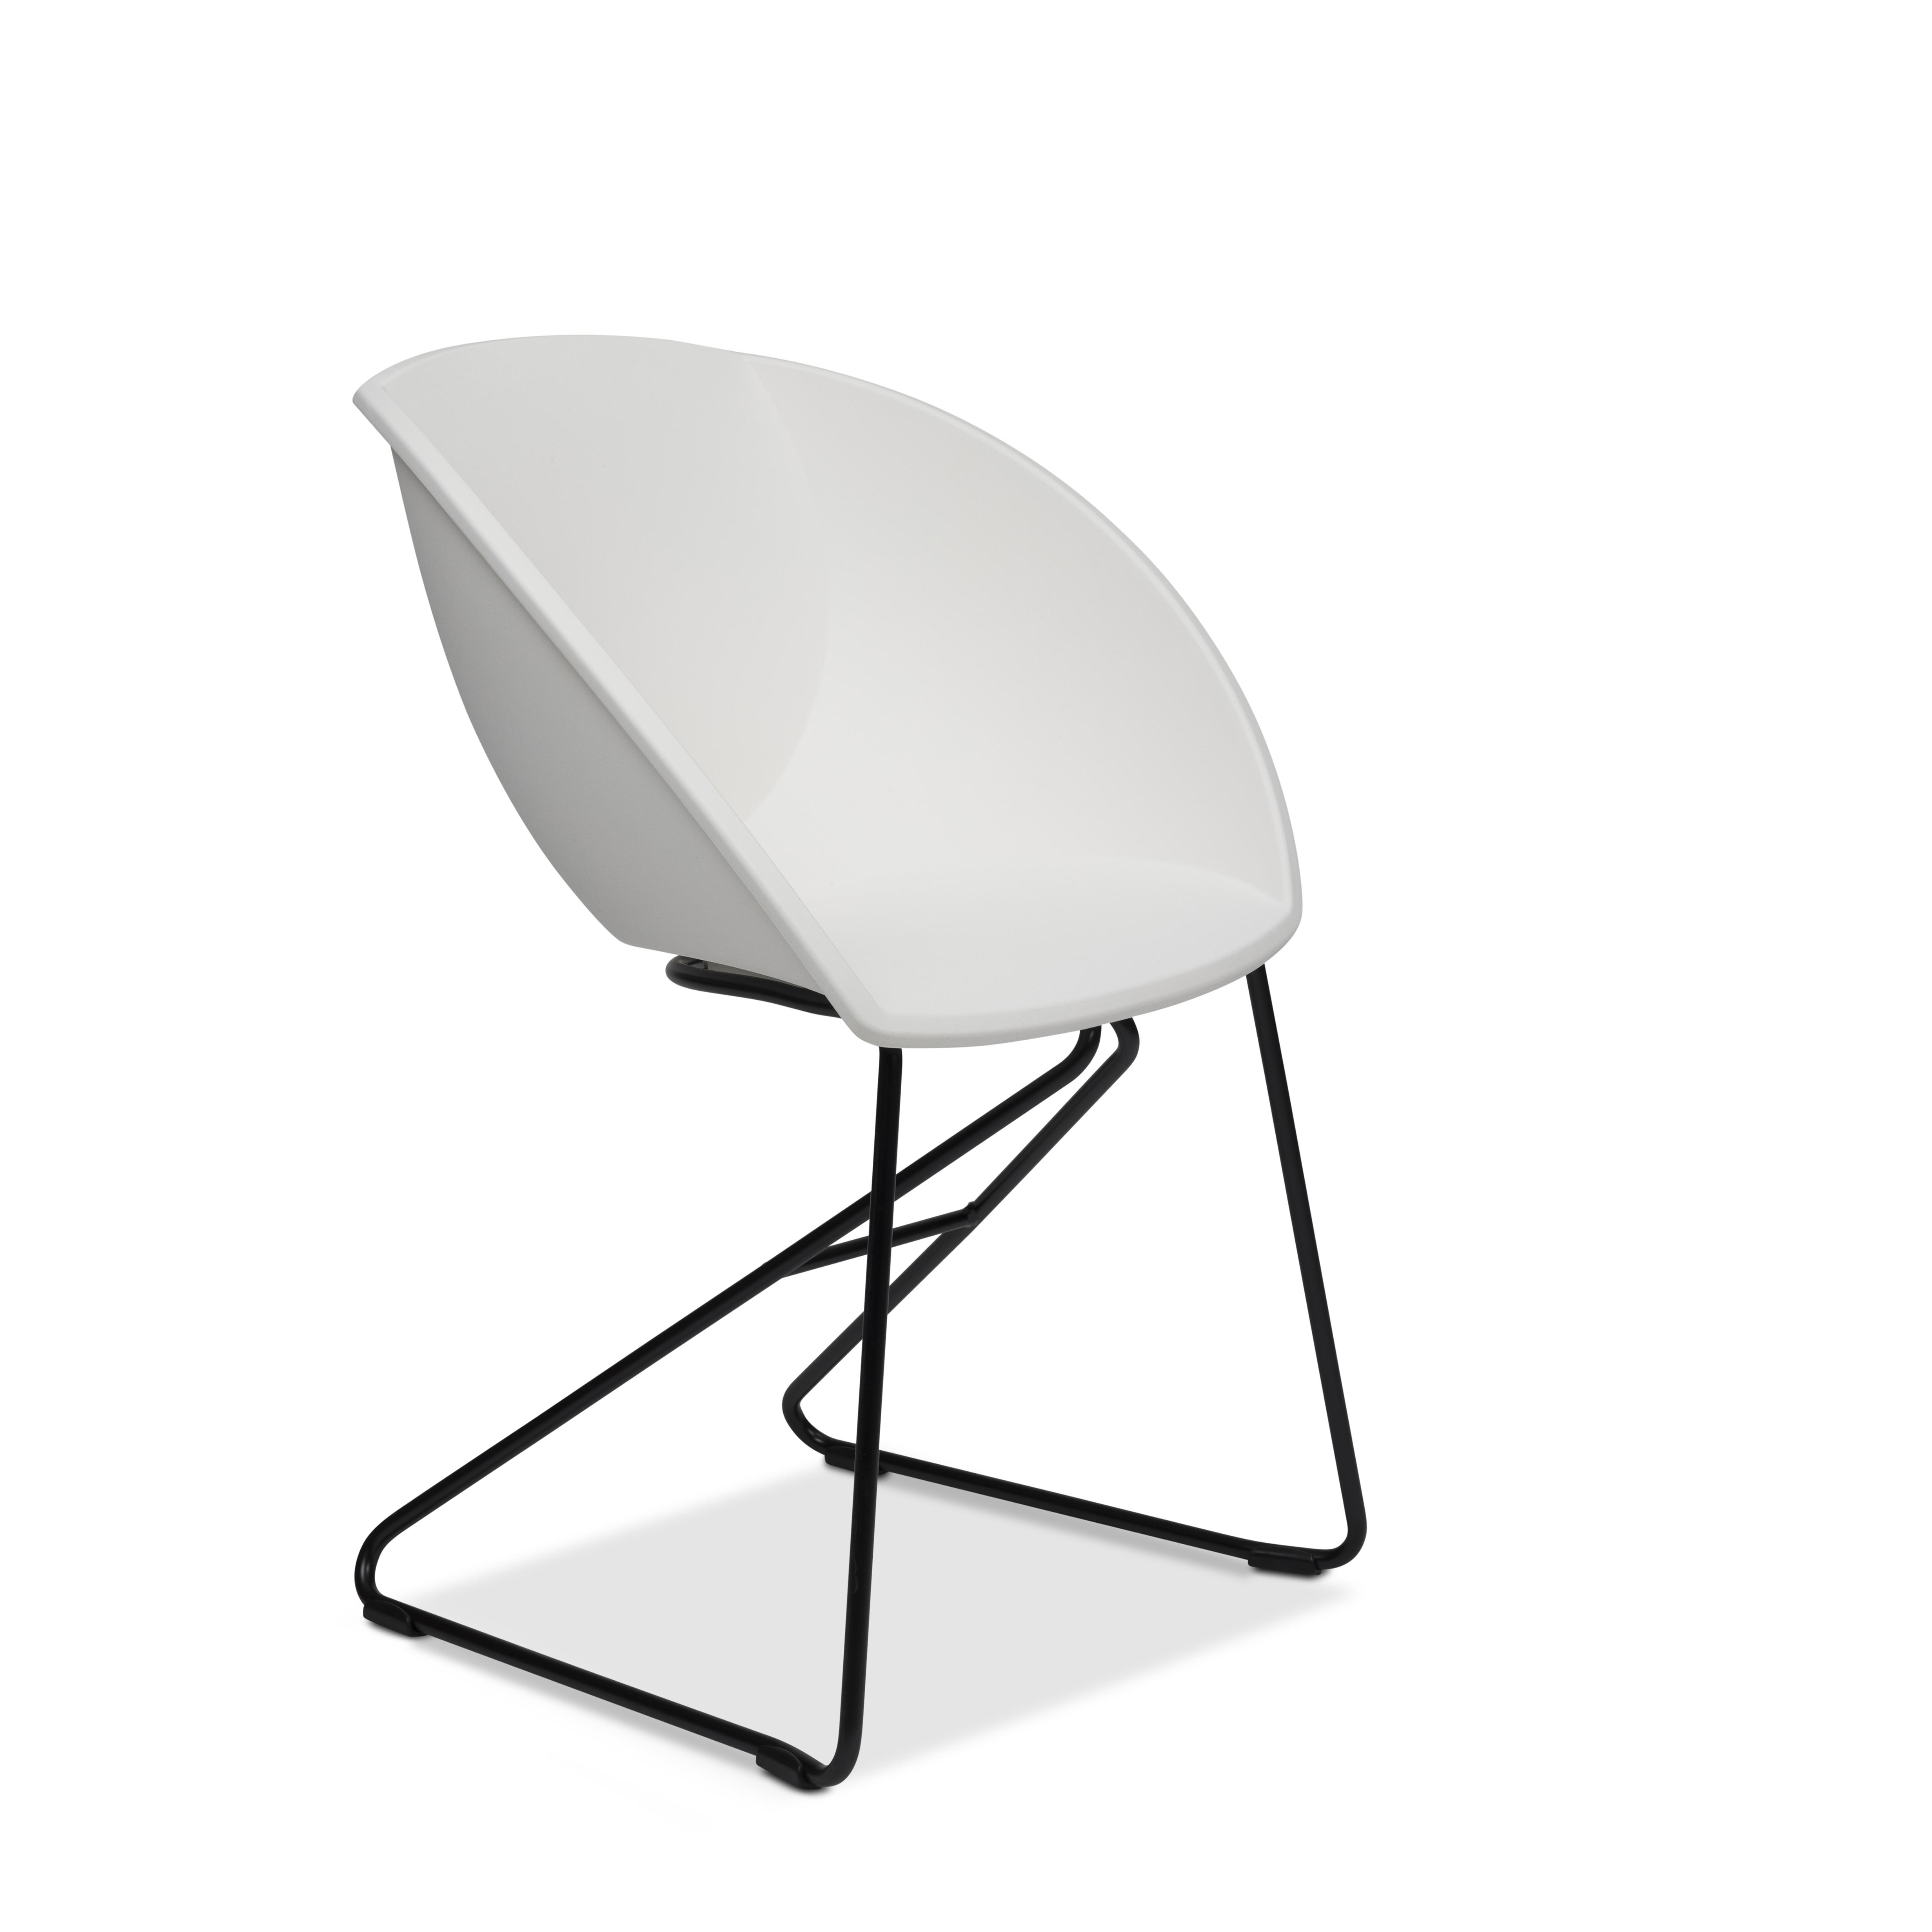 Popcorn stol i hvit gjenvunnet plast fra Fora Form